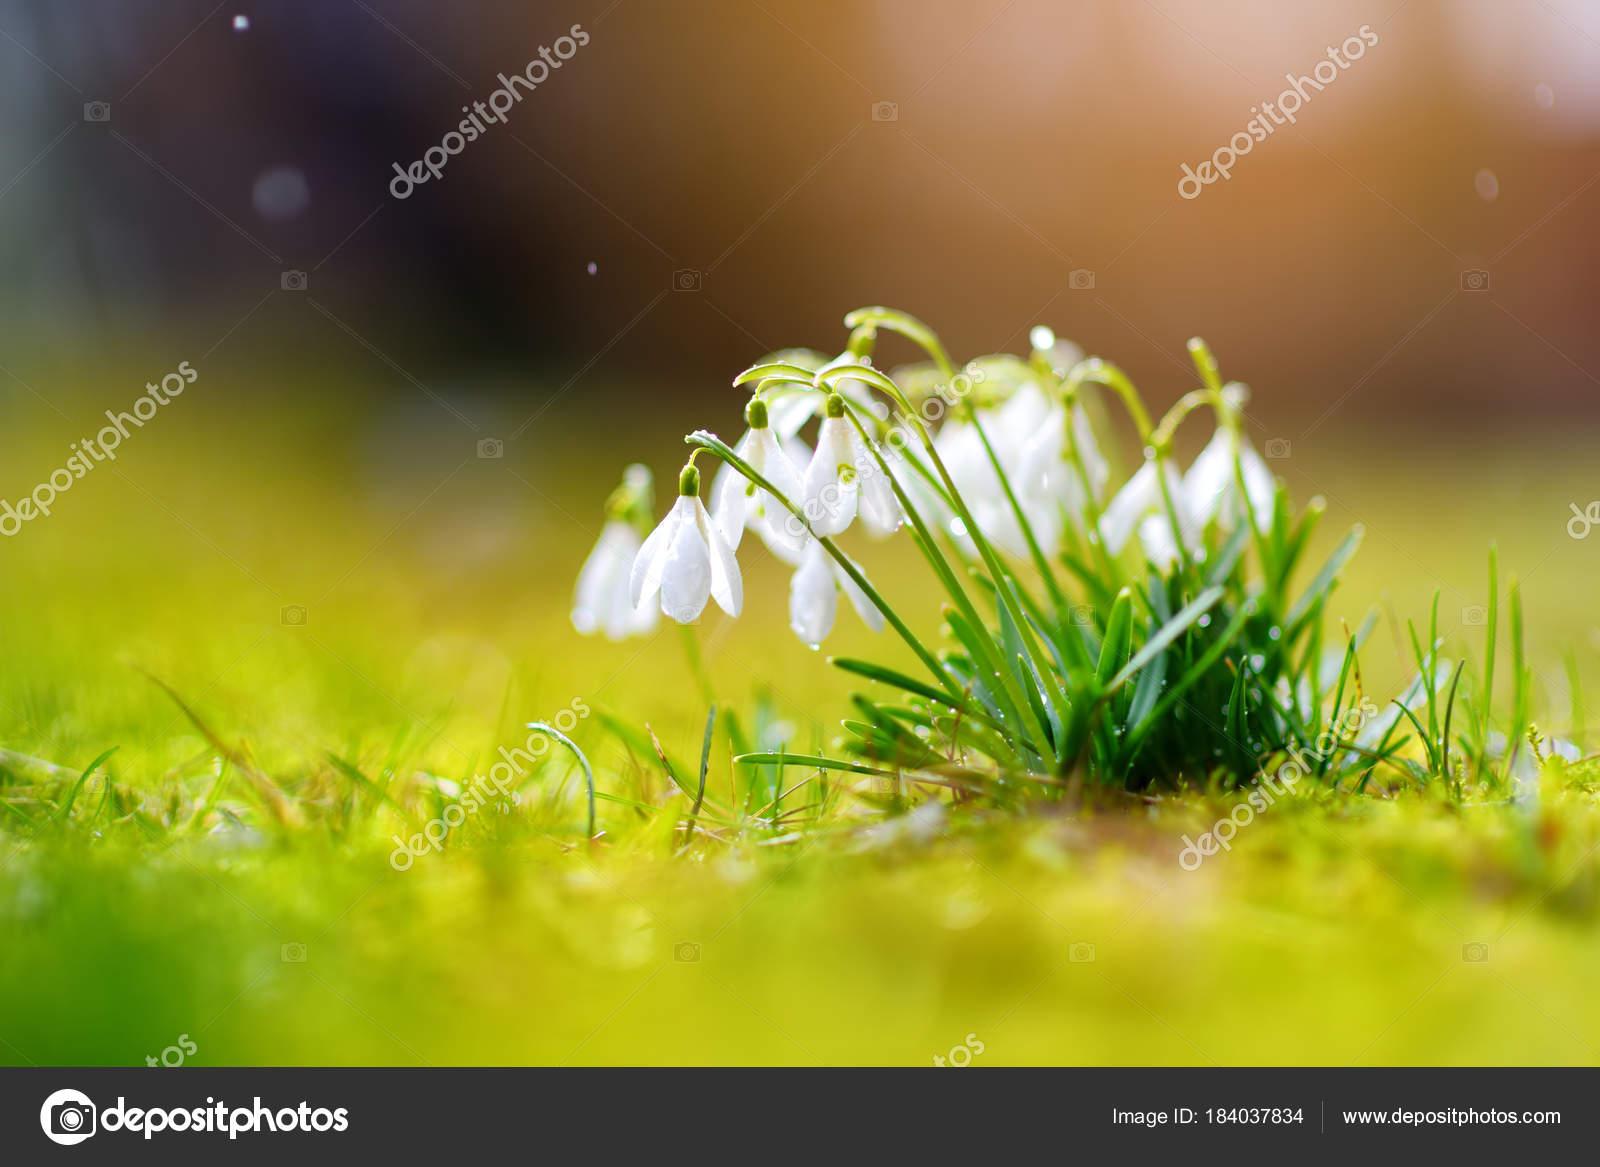 Fruhling Schneeglockchen Blumen Bluhen Freien Erste Blumen Des